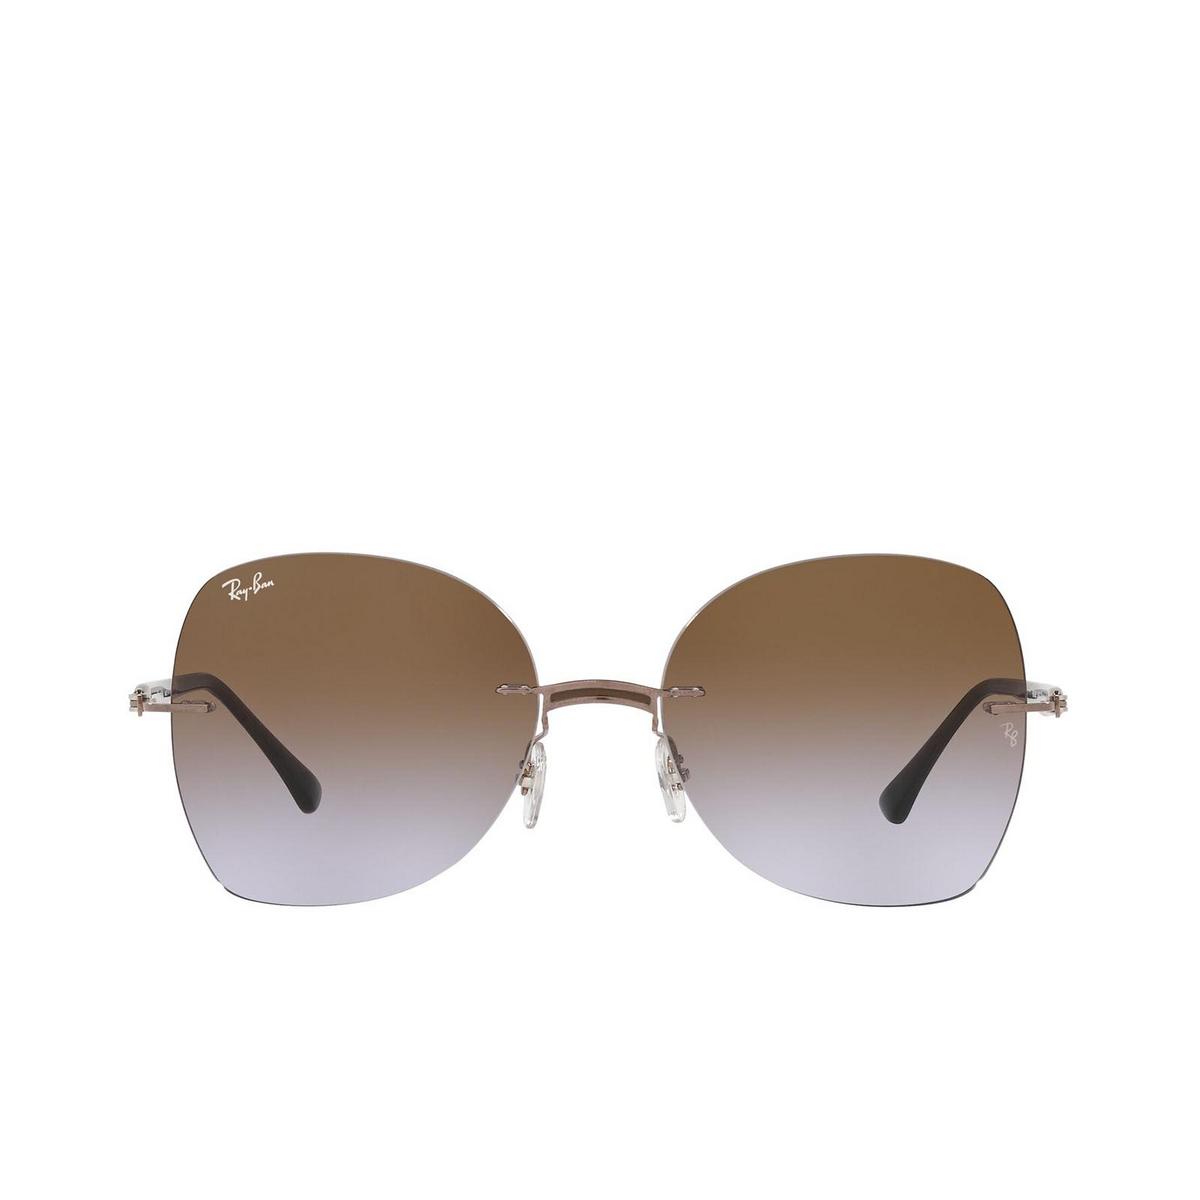 Ray-Ban® Irregular Sunglasses: RB8066 color Brown On Light Brown 155/68.